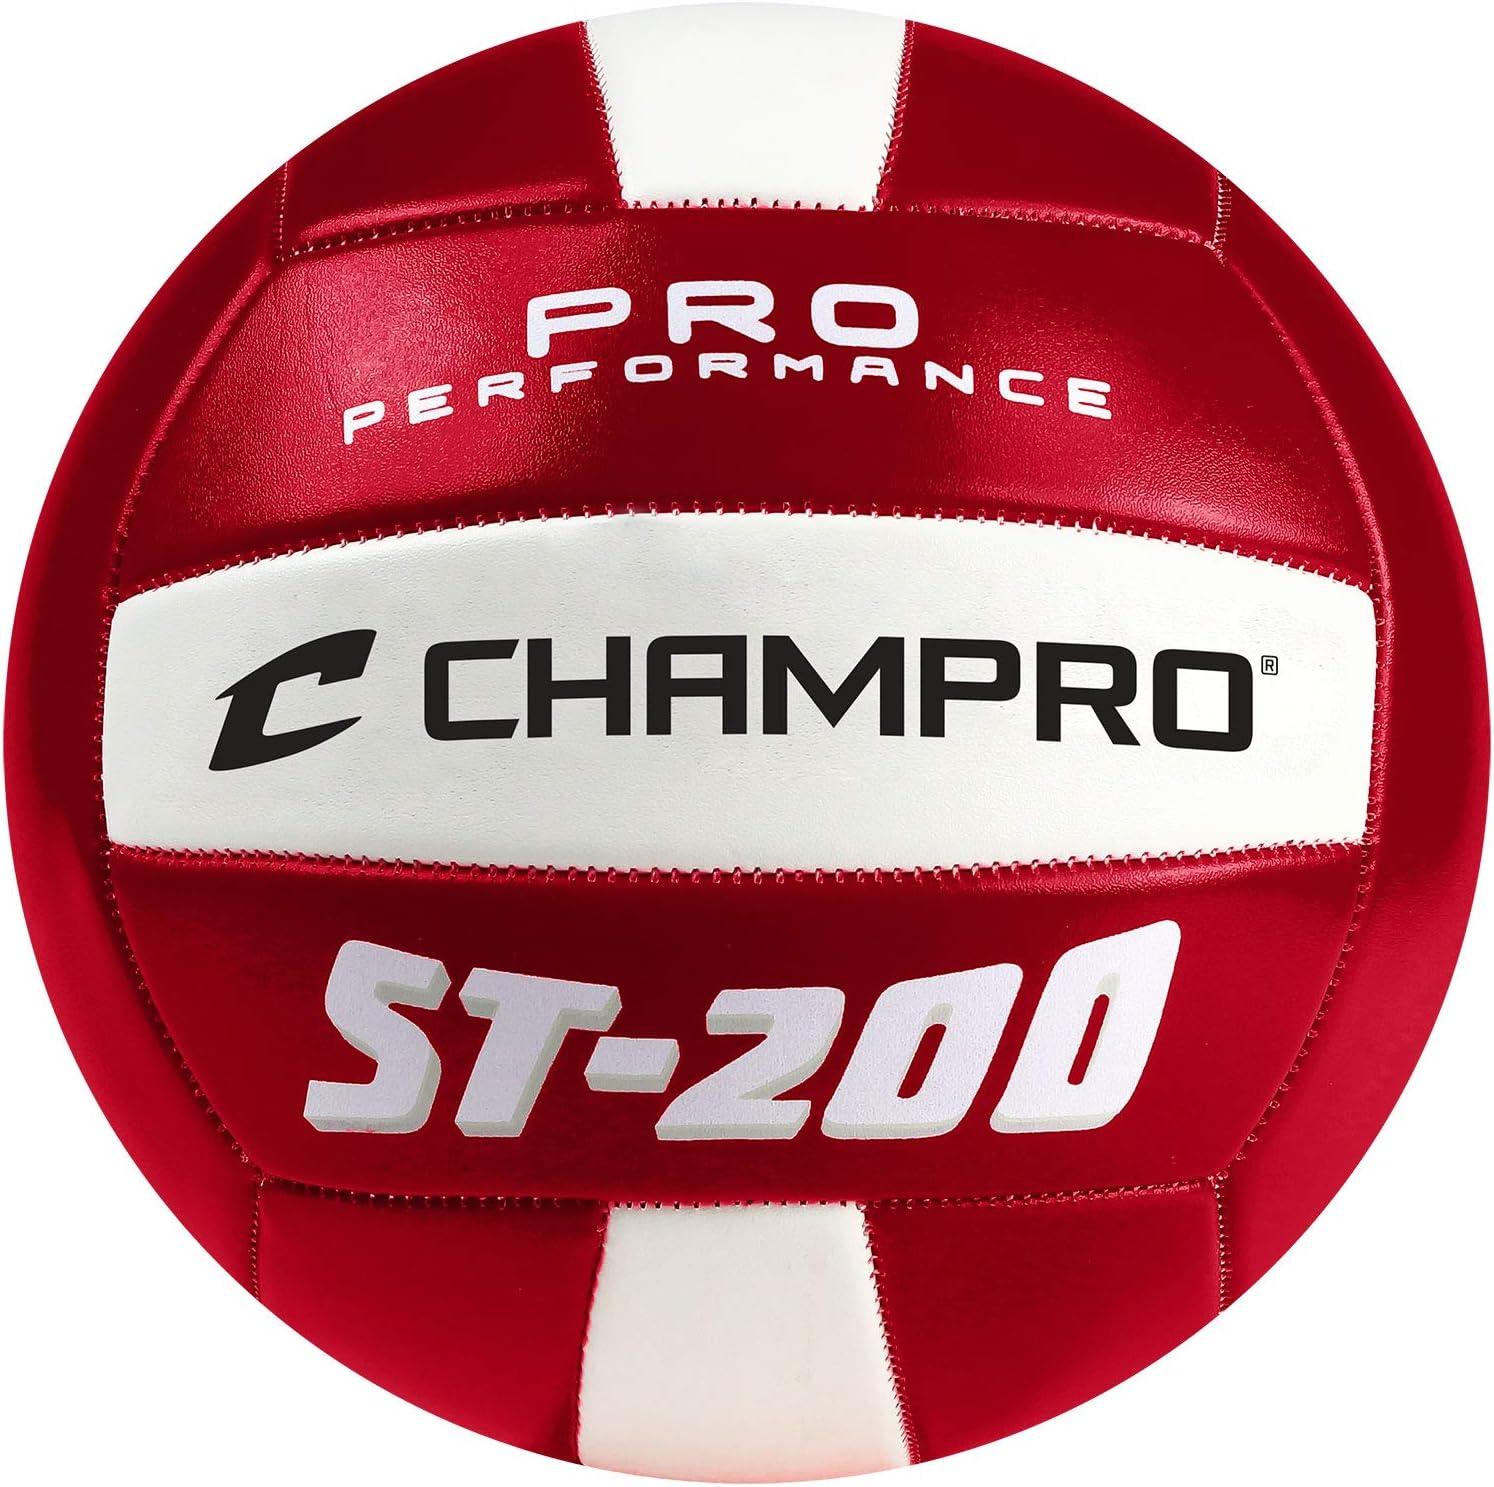 Champro Deportes ST-200 Pelota de Volley Playa, Color Rojo: Amazon ...